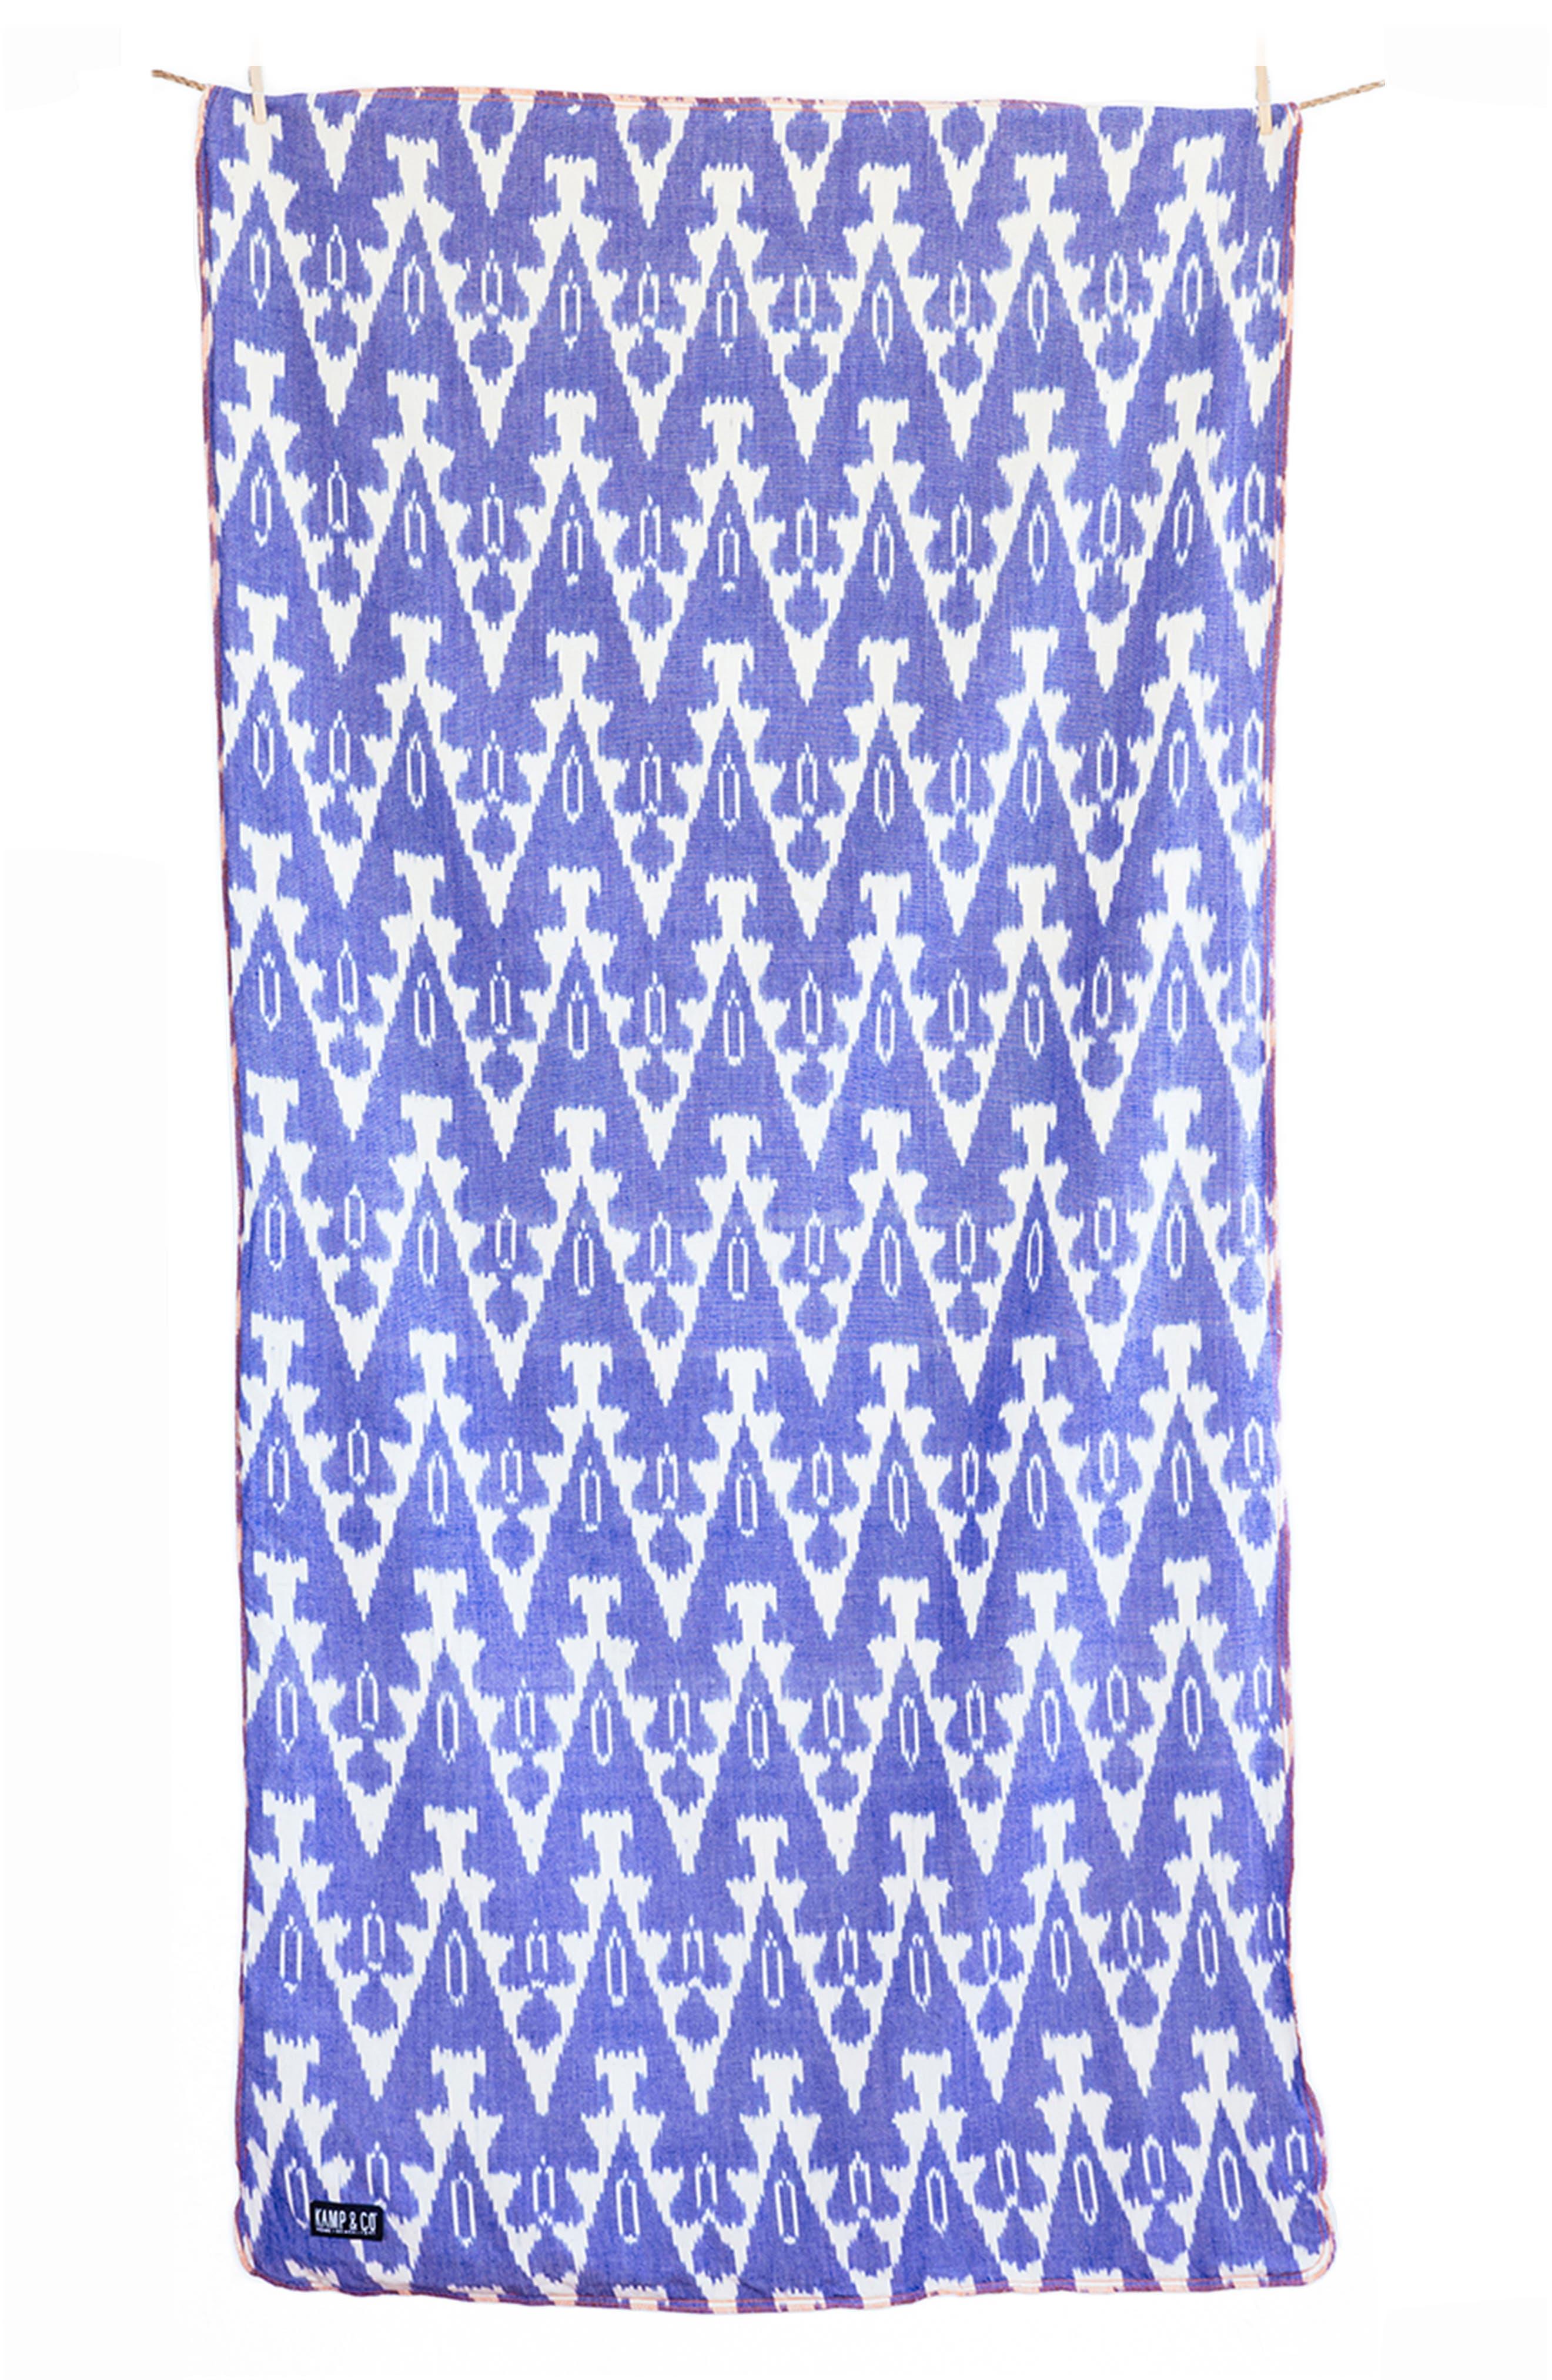 Kamp & Co. Torrey Kamp Towel,                         Main,                         color, Blue/ Cream